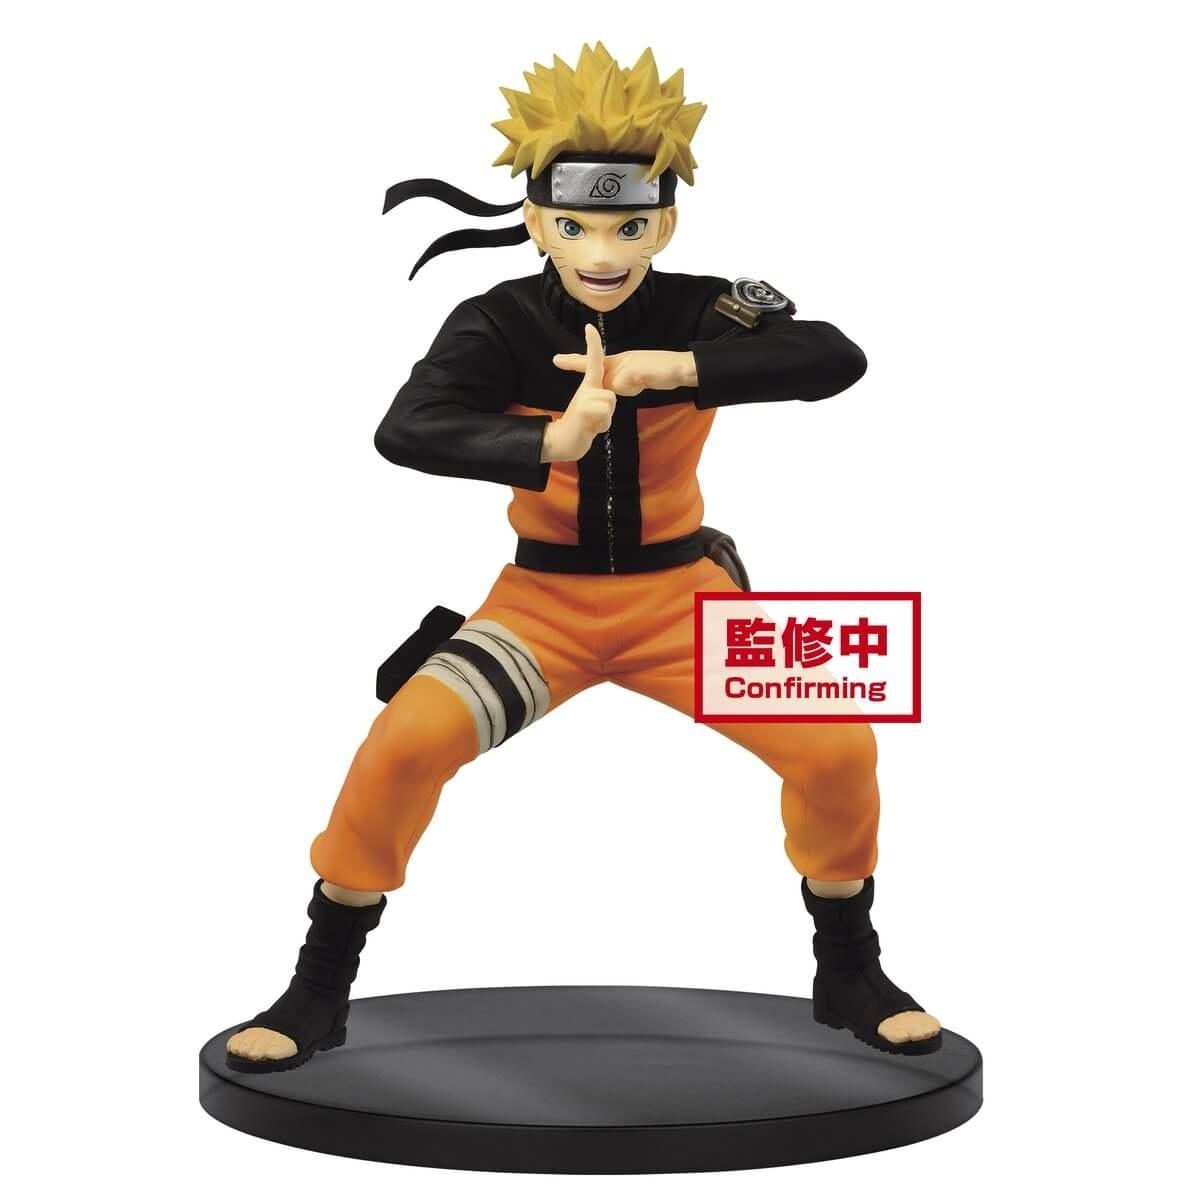 Naruto vibration star 1 G4ME FOR ME Jeux vidéos actuels et Rétro Gaming à Montpellier